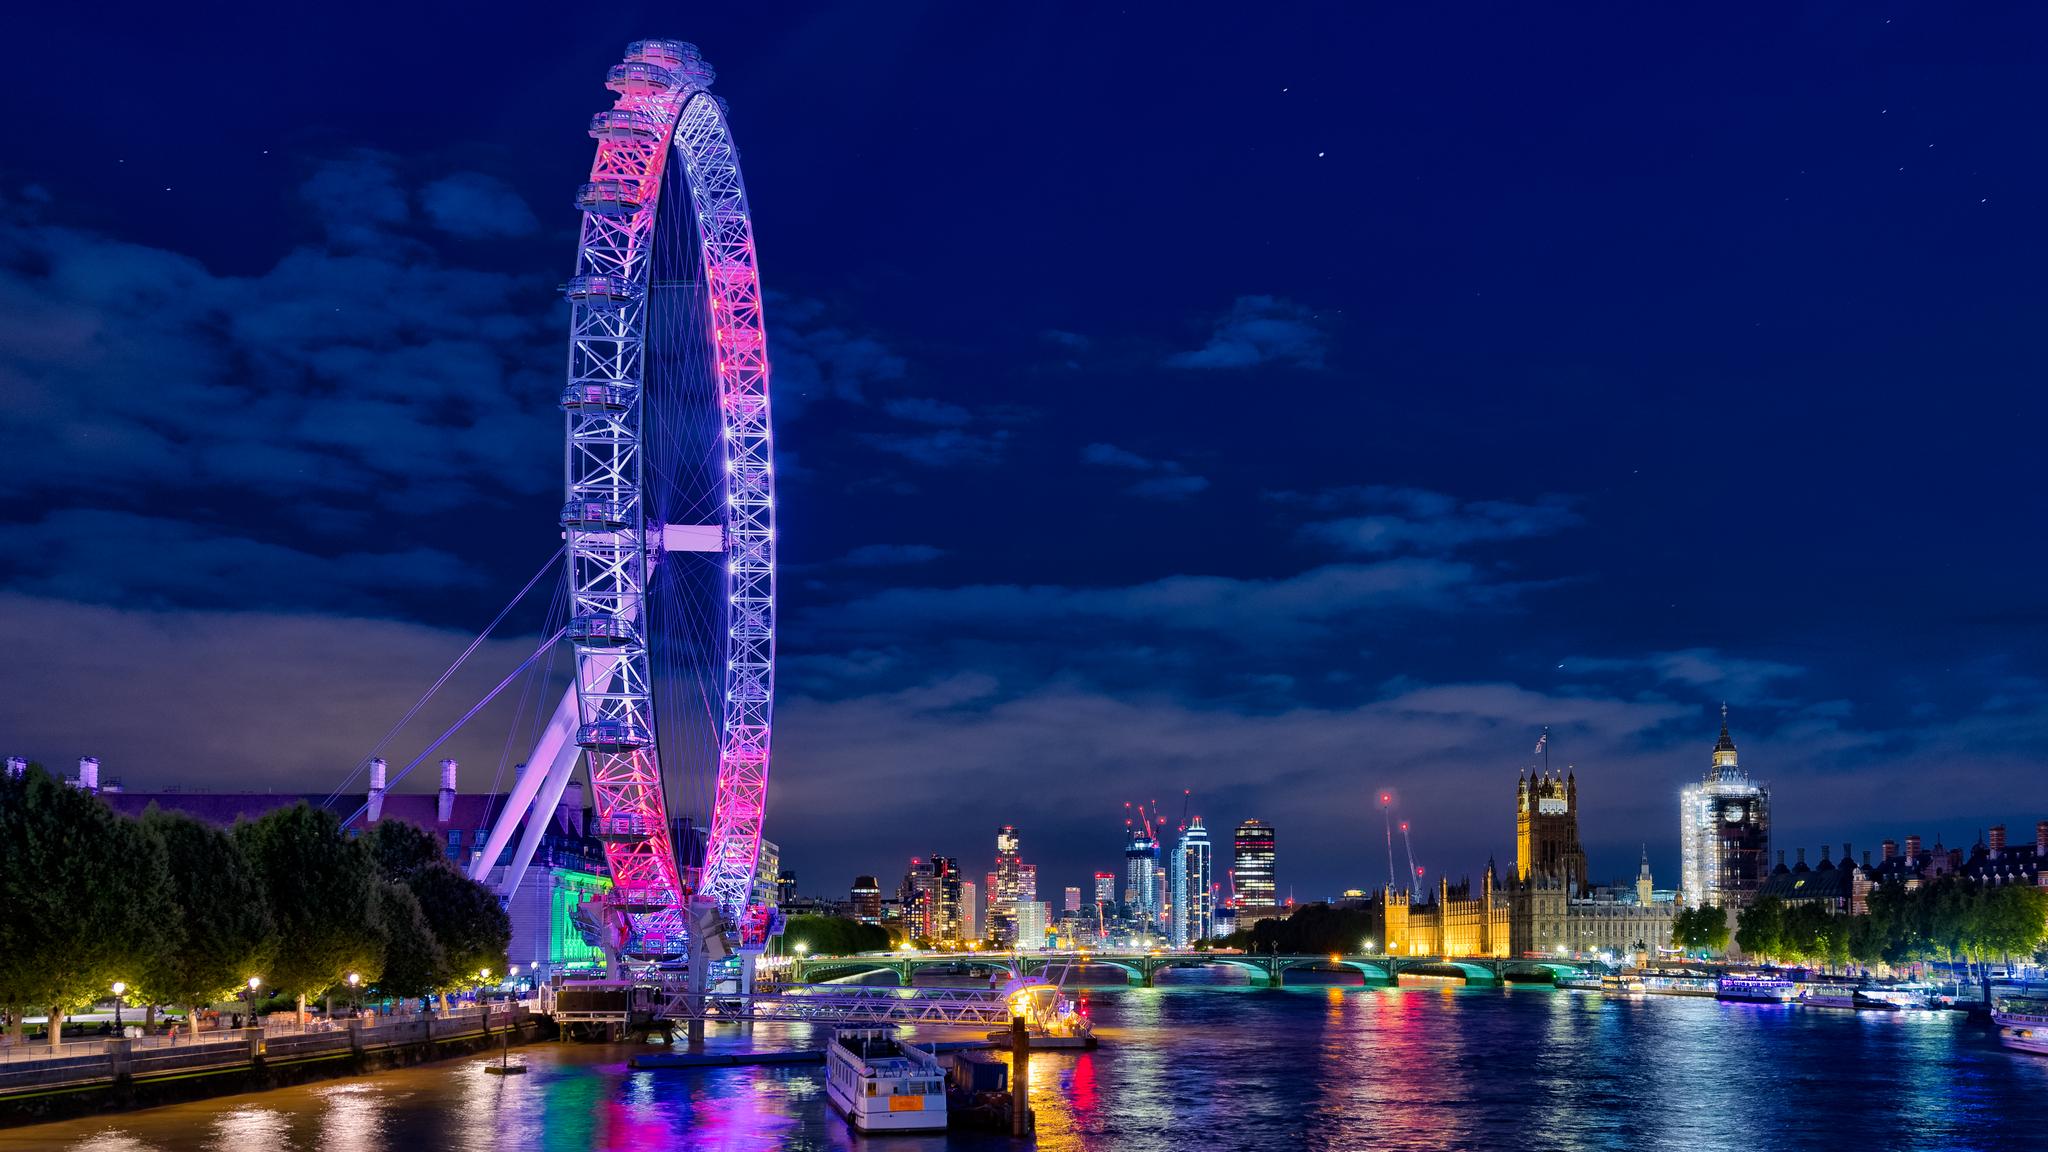 London Eye from Golden Jubilee Bridges, United Kingdom